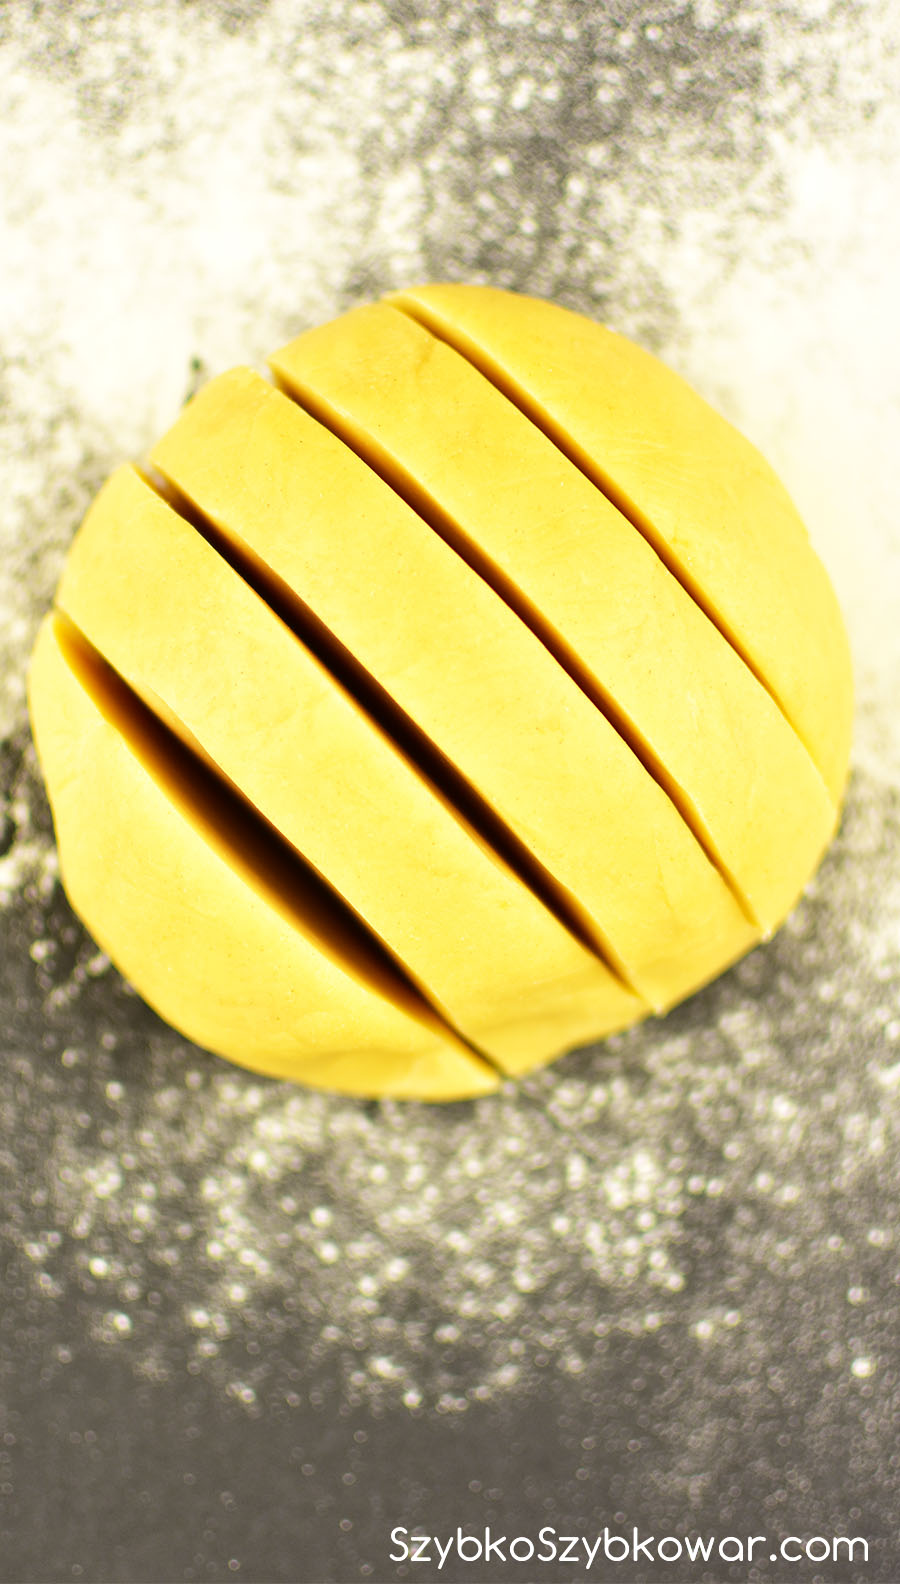 Ciasto podzielone na kawałki jednakowej wielkości.